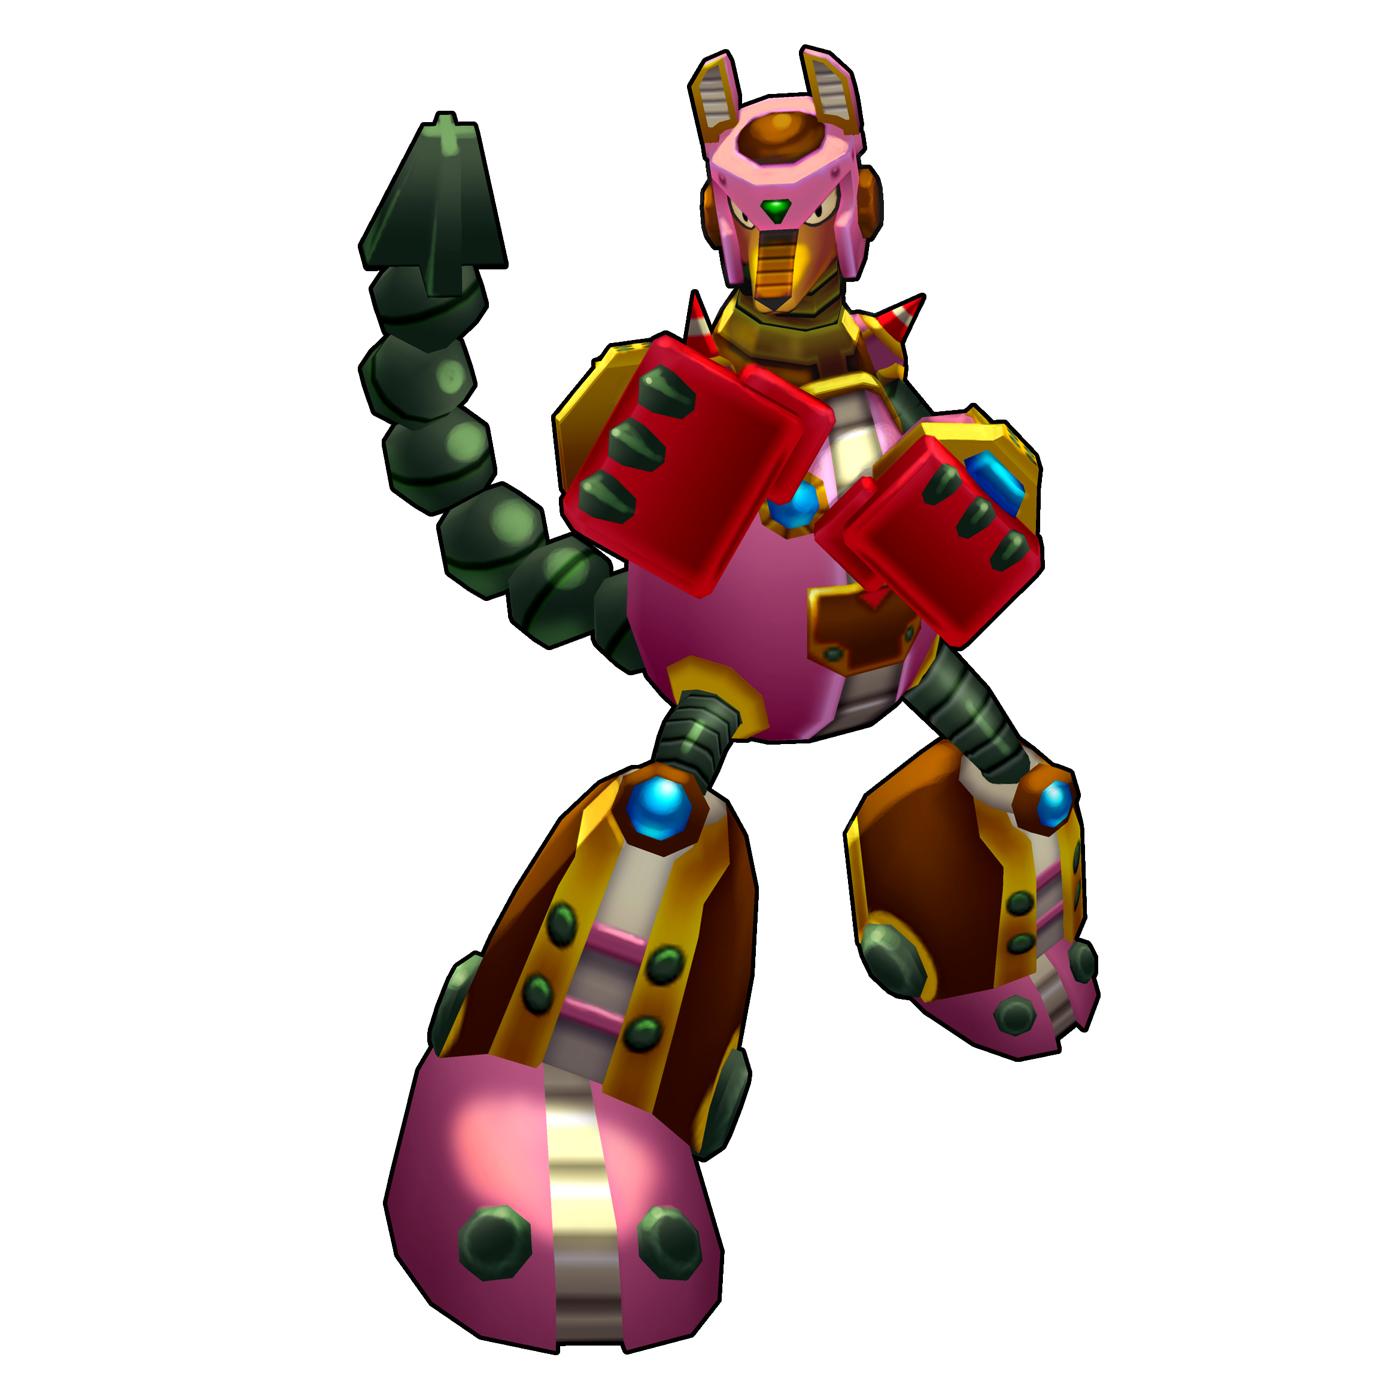 Vanishing gungaroo mmkb fandom powered by wikia - Megaman wikia ...